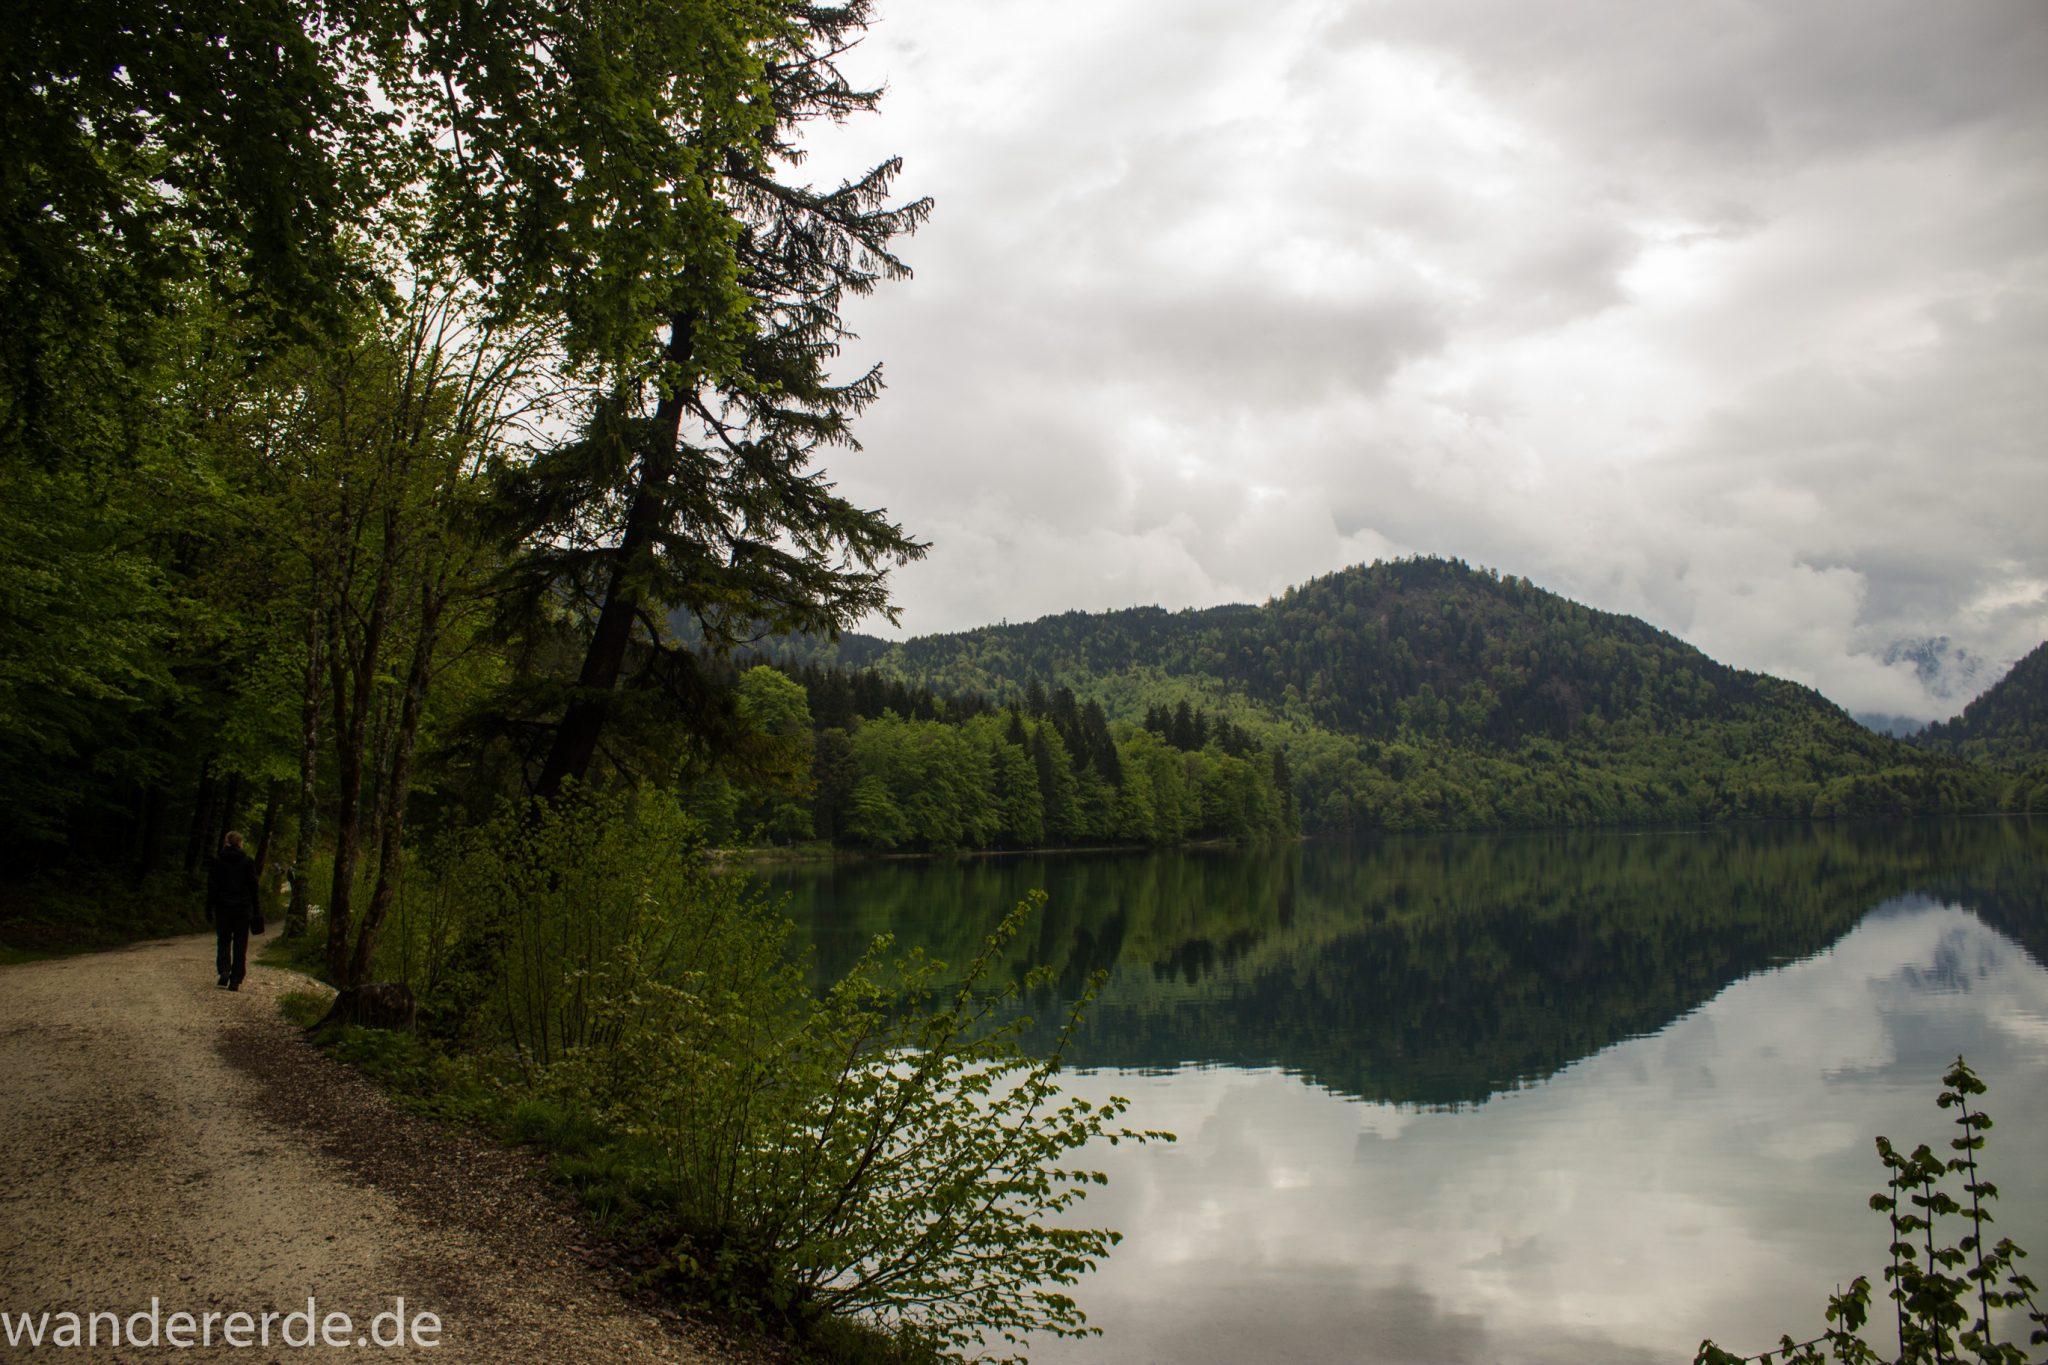 Alpsee bei Hohenschwangau, in der Nähe von Schloss Neuschwanstein, Aussicht auf Alpsee mit grünem Wald ringsrum, Laubbaum, Nadelbaum, dichte Bewölkung, Umgebung spiegelt sich im See, Rundwanderweg um den Alpsee